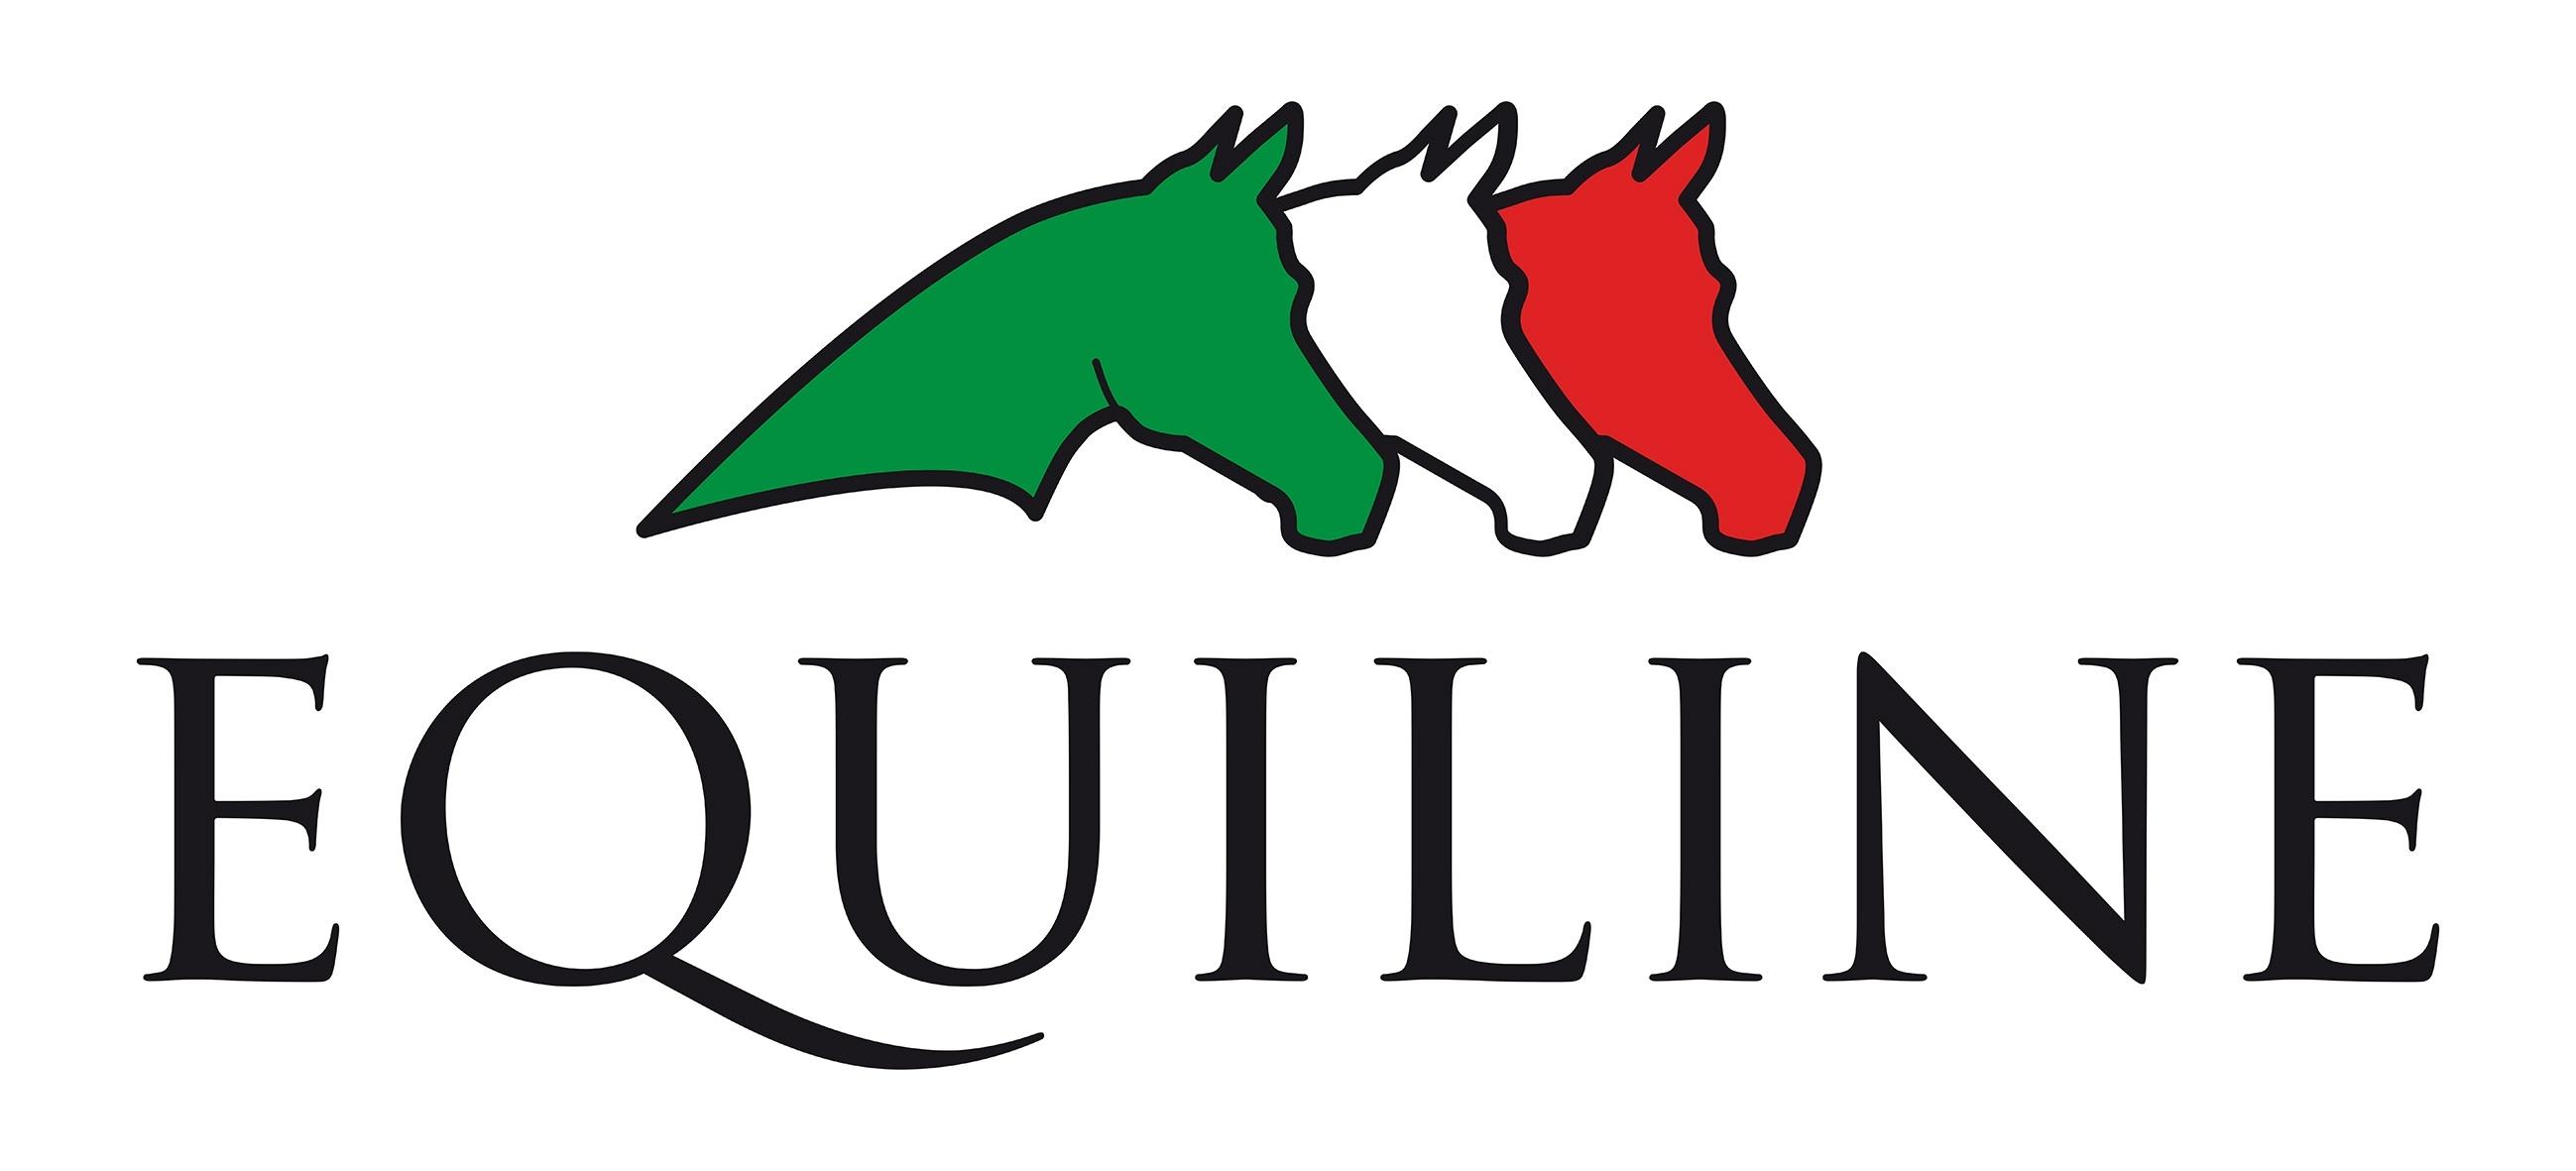 Equiline beklædning og rideudstyr